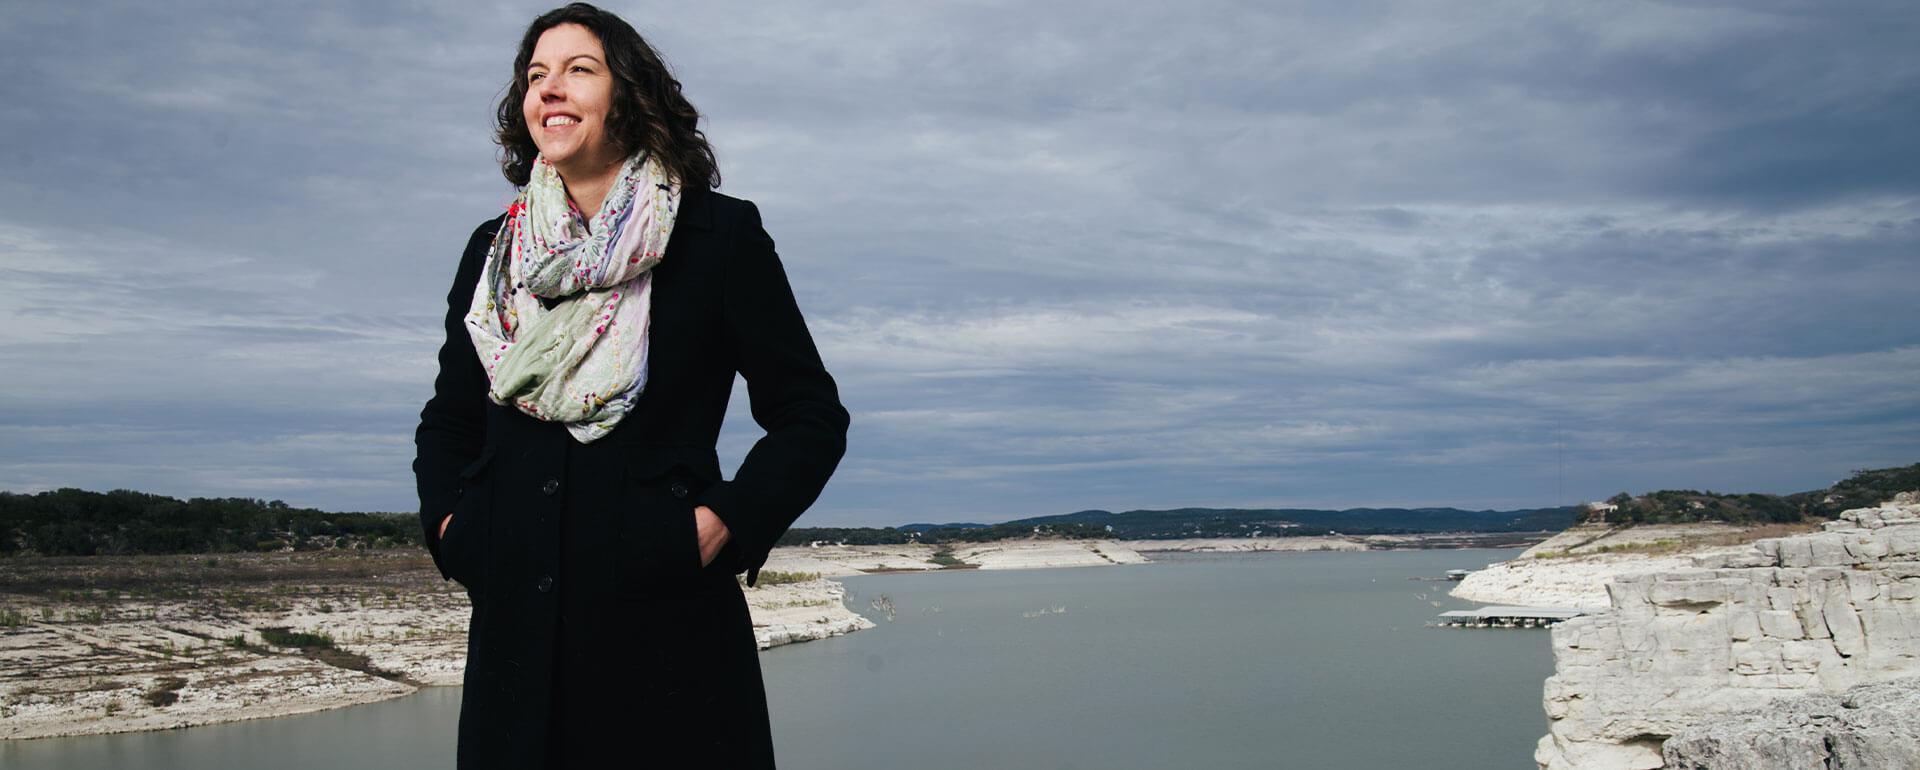 Amy Hardberger at Medina Lake.